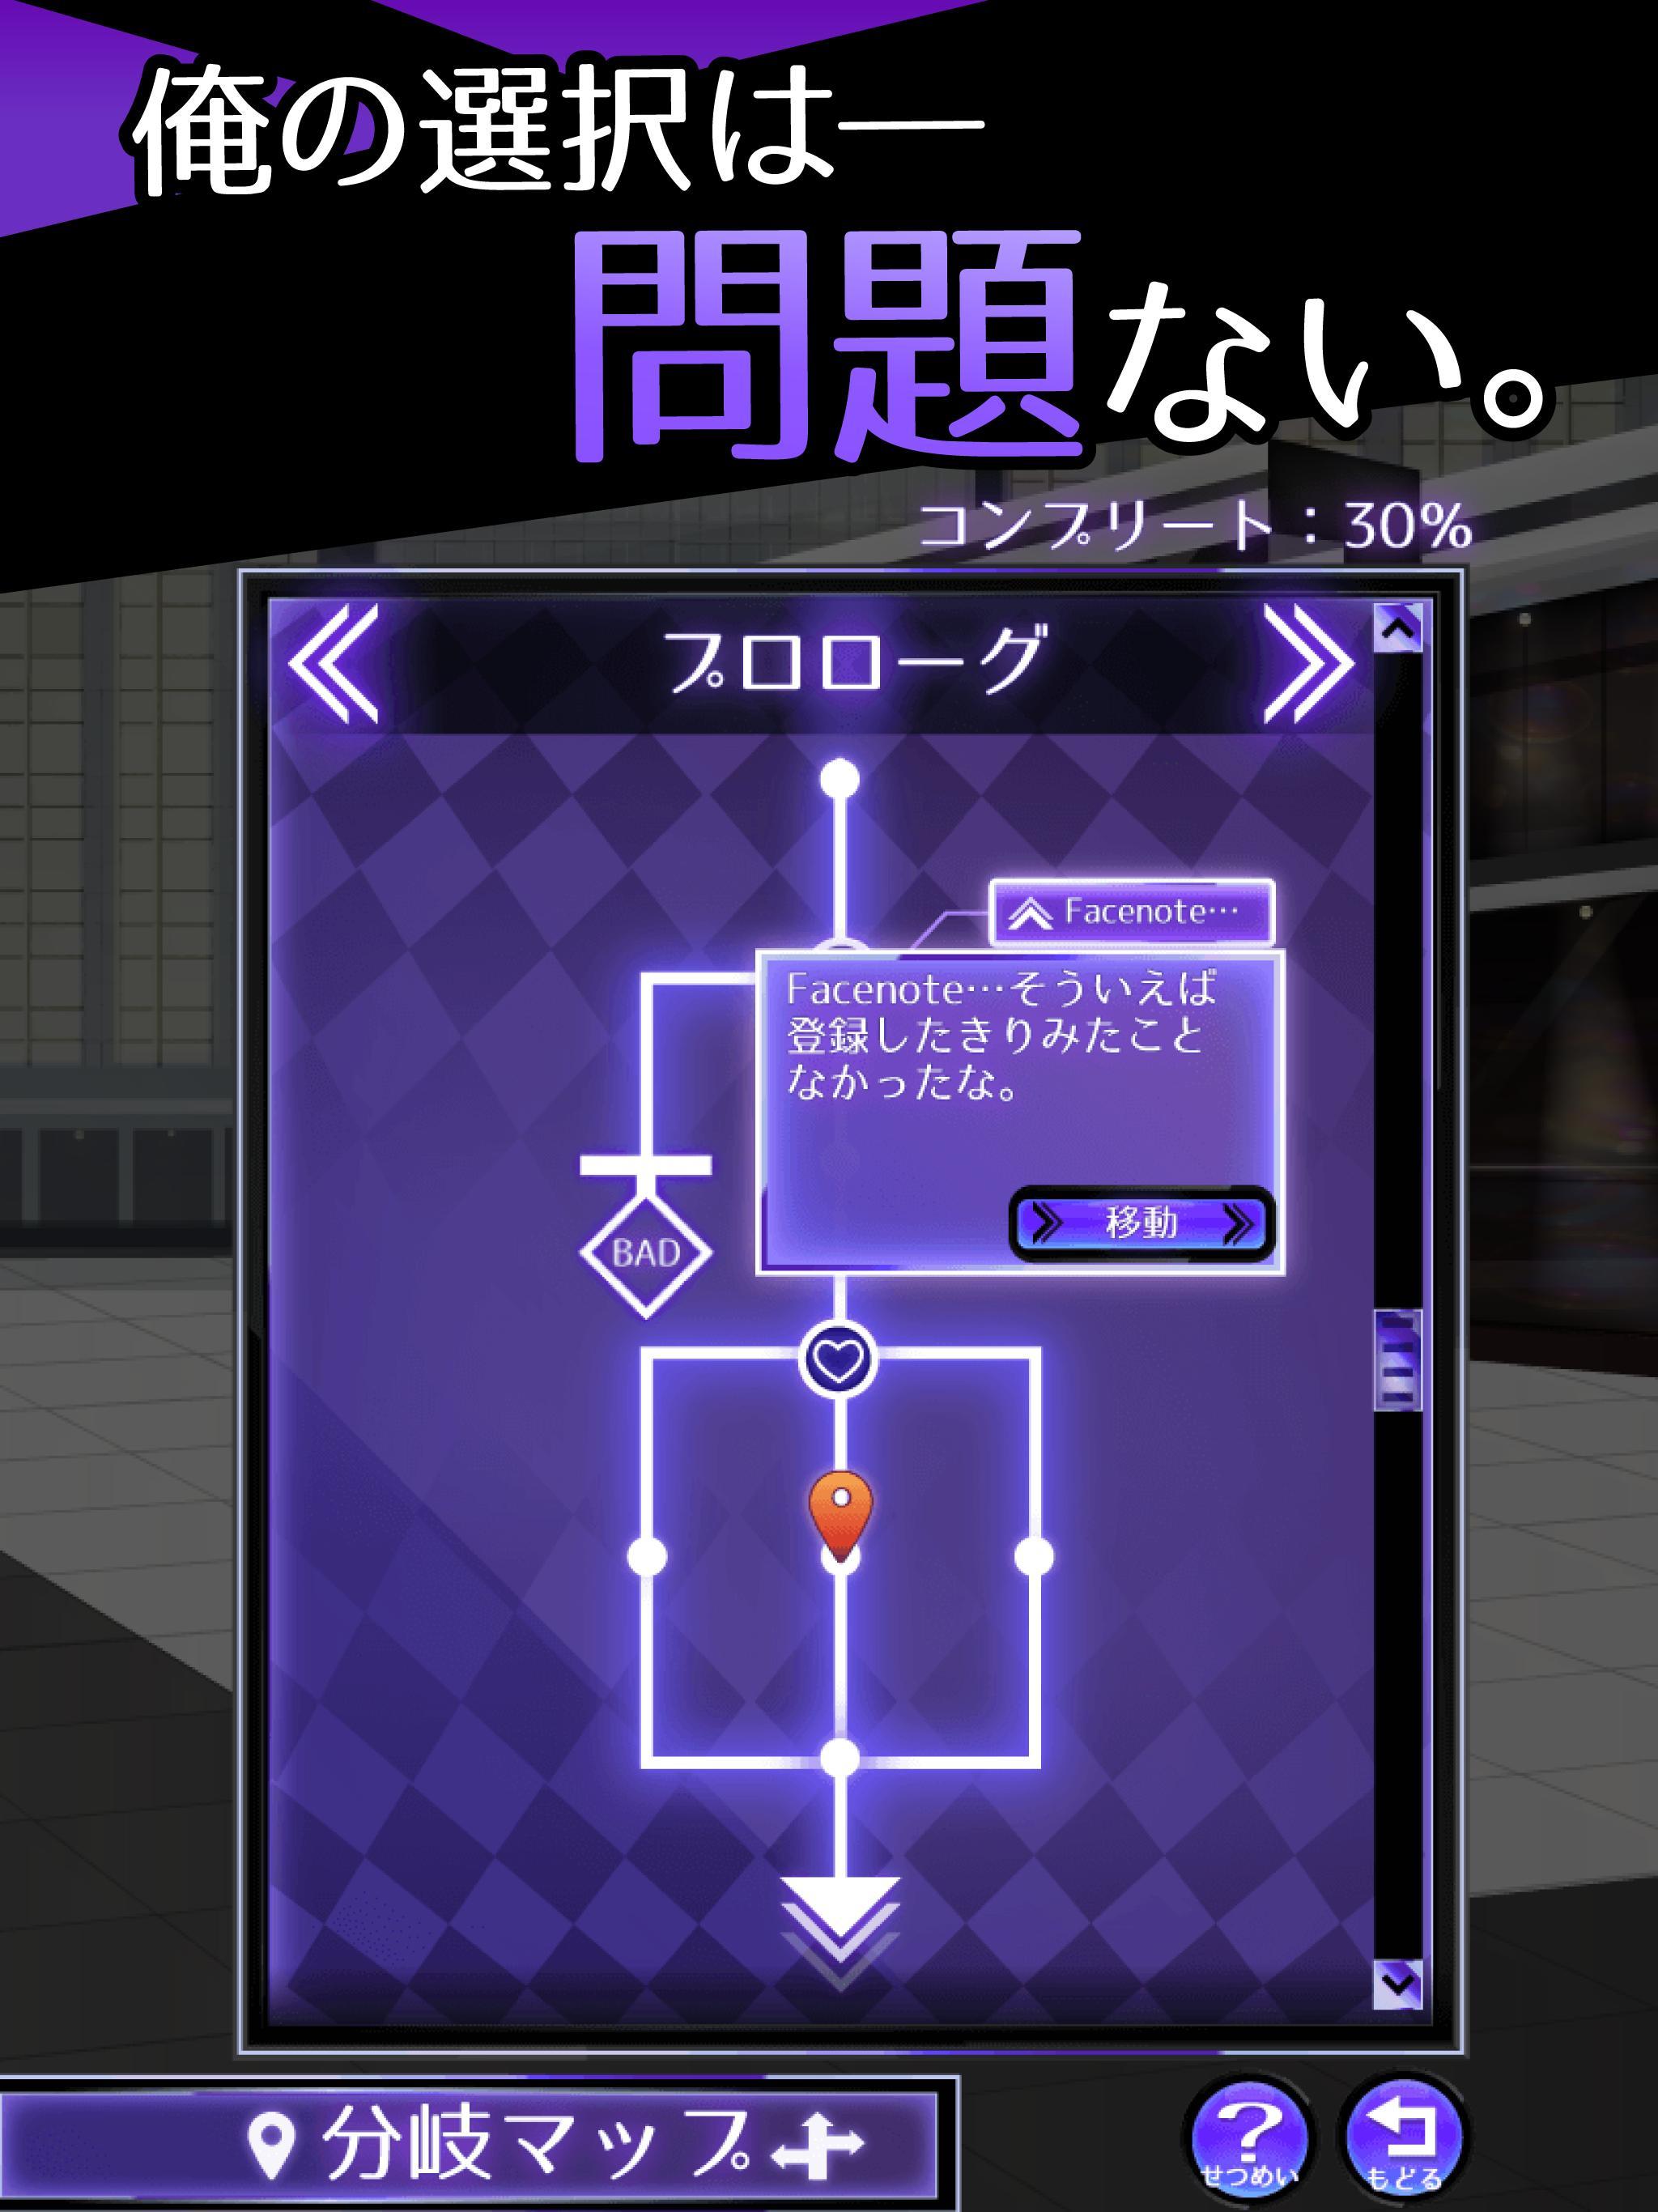 元カノは友達だから問題ない 1.6.0 Screenshot 10